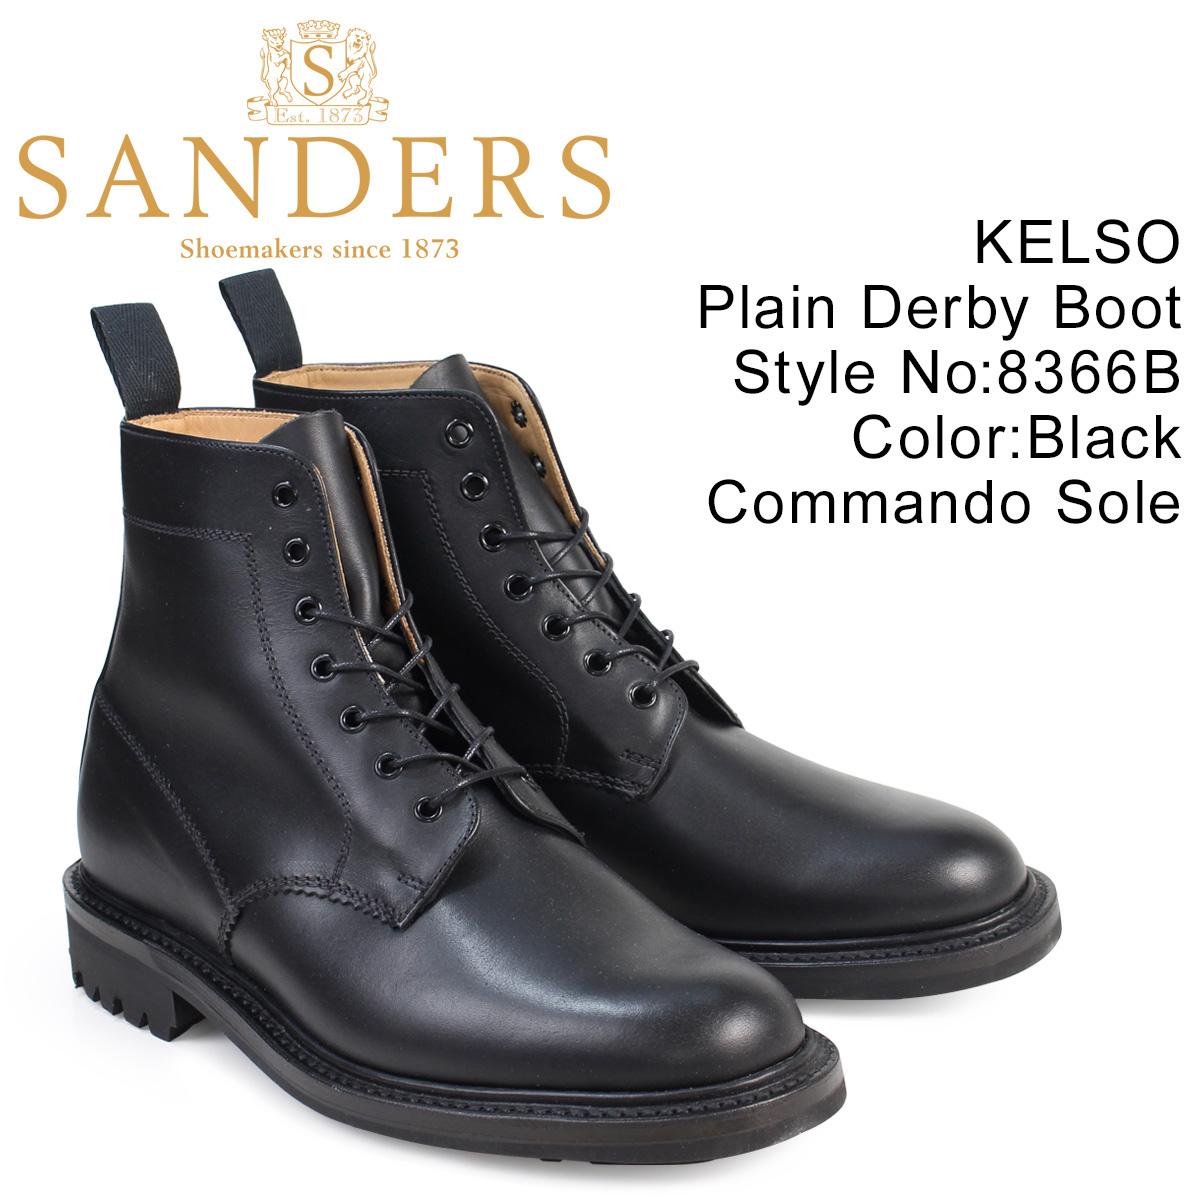 サンダース SANDERS ミリタリー ダービー ブーツ プレーントゥ KELSO 8366B メンズ ブラック